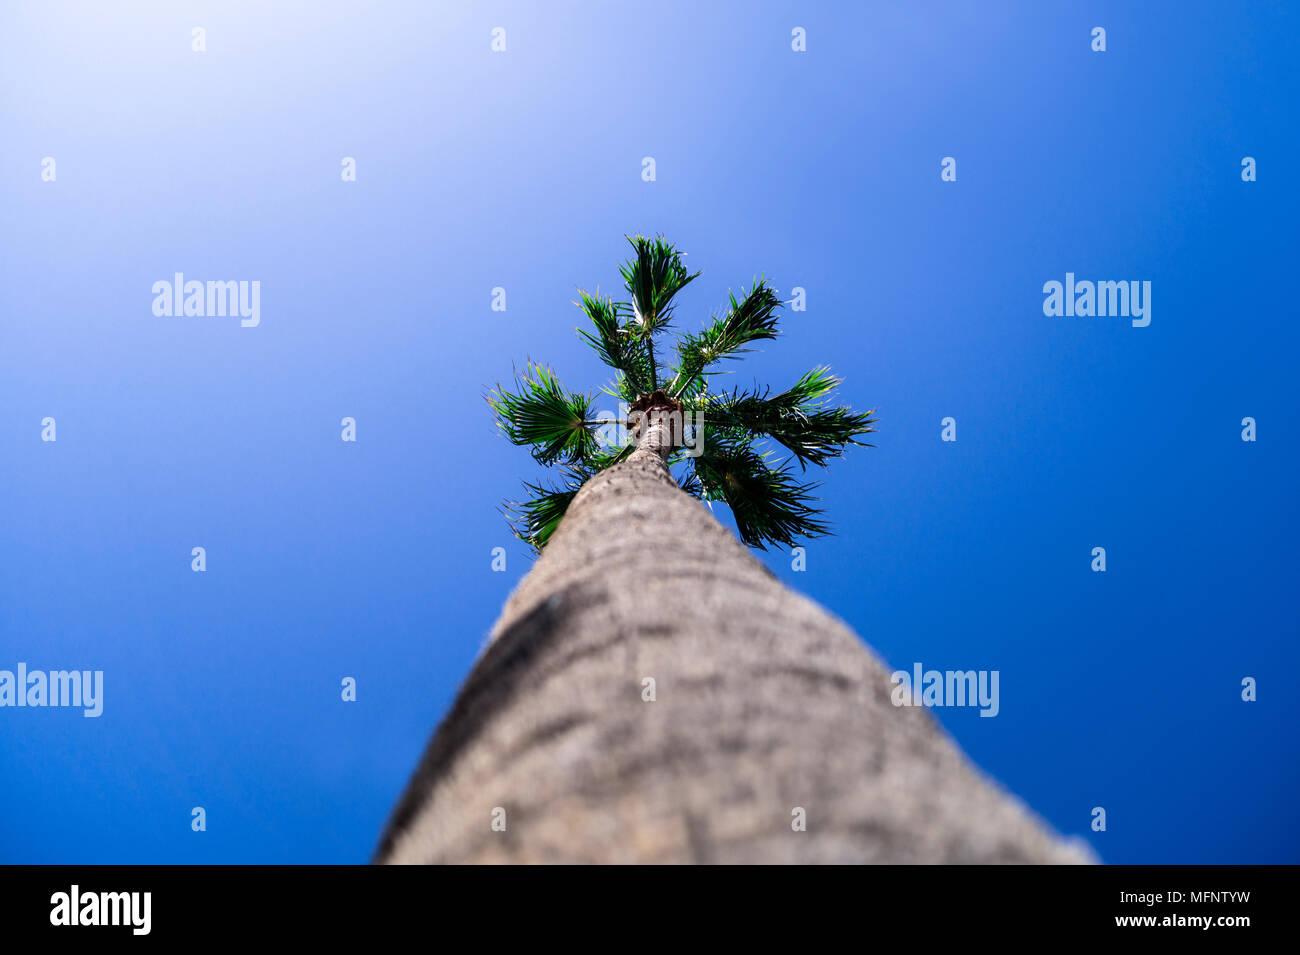 Palm on a blue sky - Stock Image